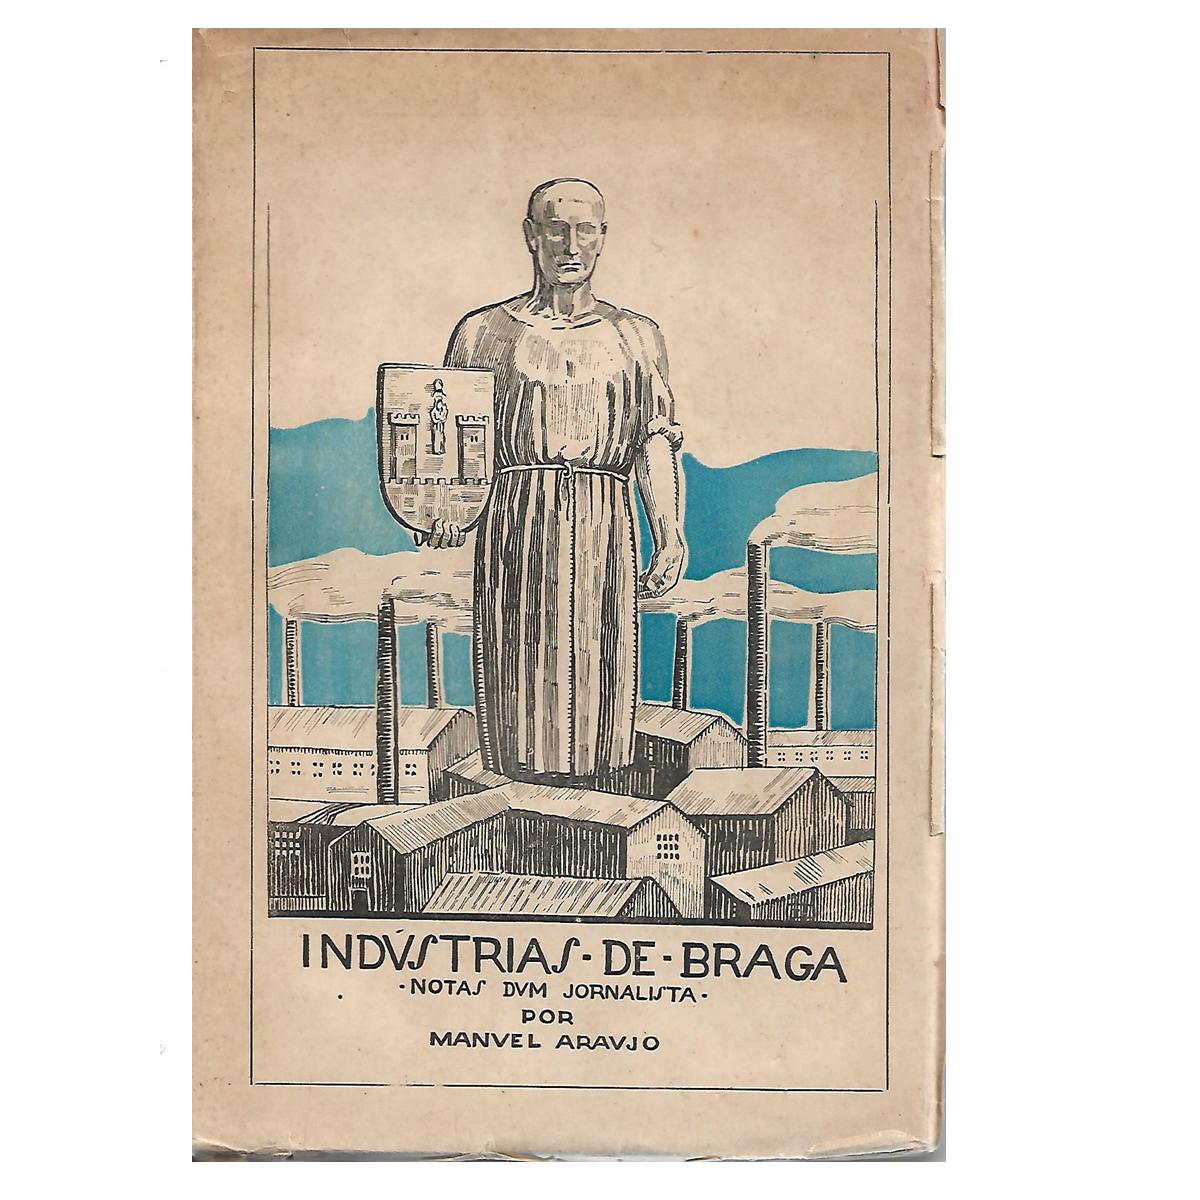 Industrias de Braga